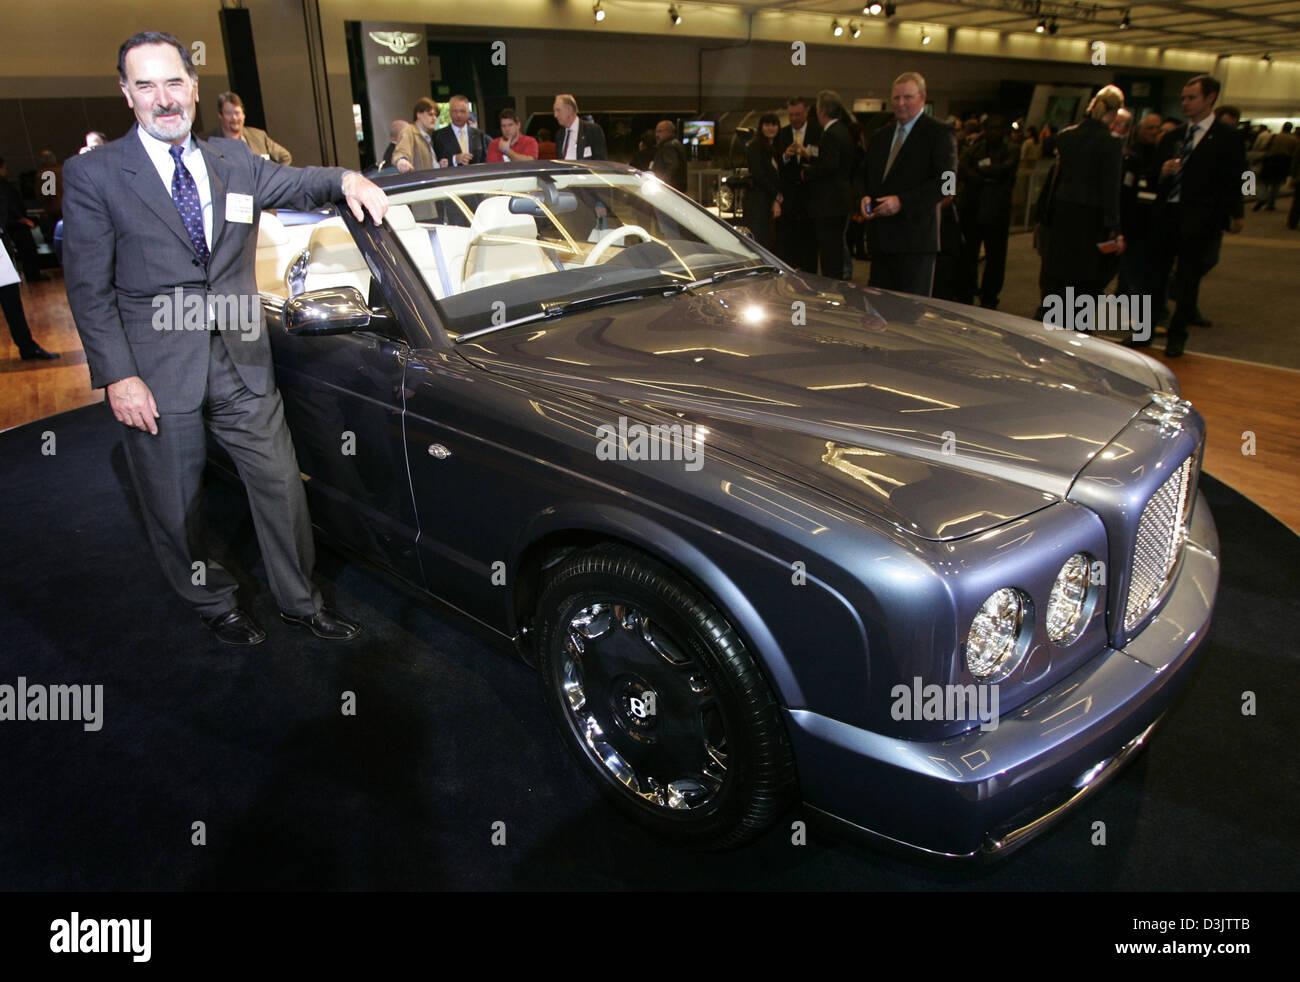 Dpa Bernd Pischetsrieder R Chairman Of German Car Manufacturer